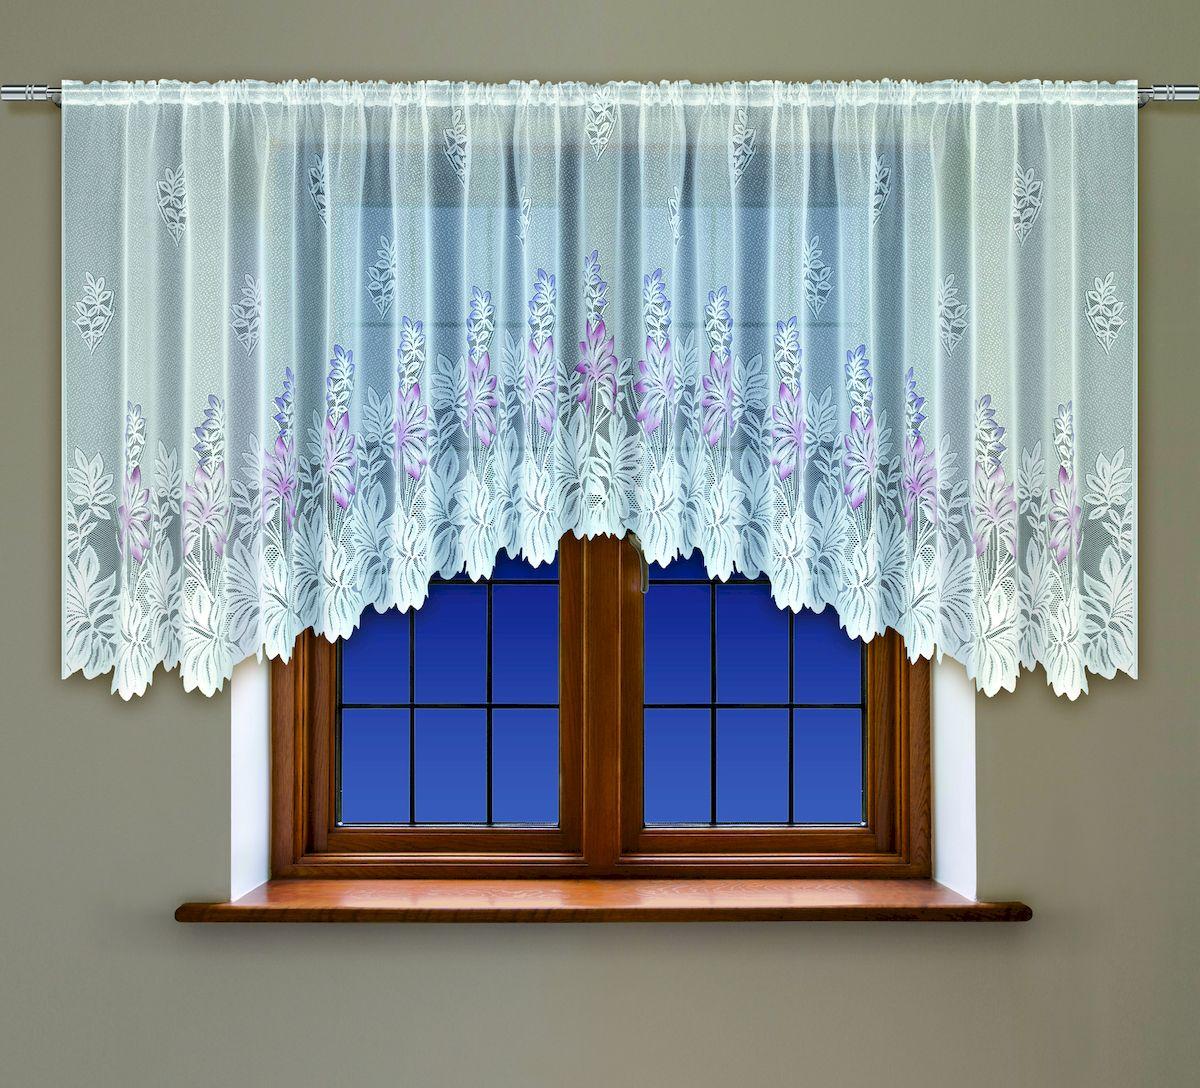 Гардина Haft, на кулиске, цвет: белый, высота 160 см. 2005303111426236Воздушная гардина Haft, выполненная из полиэстера, великолепно украсит любое окно.Изделие имеет оригинальный дизайн и органично впишется в интерьер помещения.Гардина крепится на карниз при помощи кулиски.